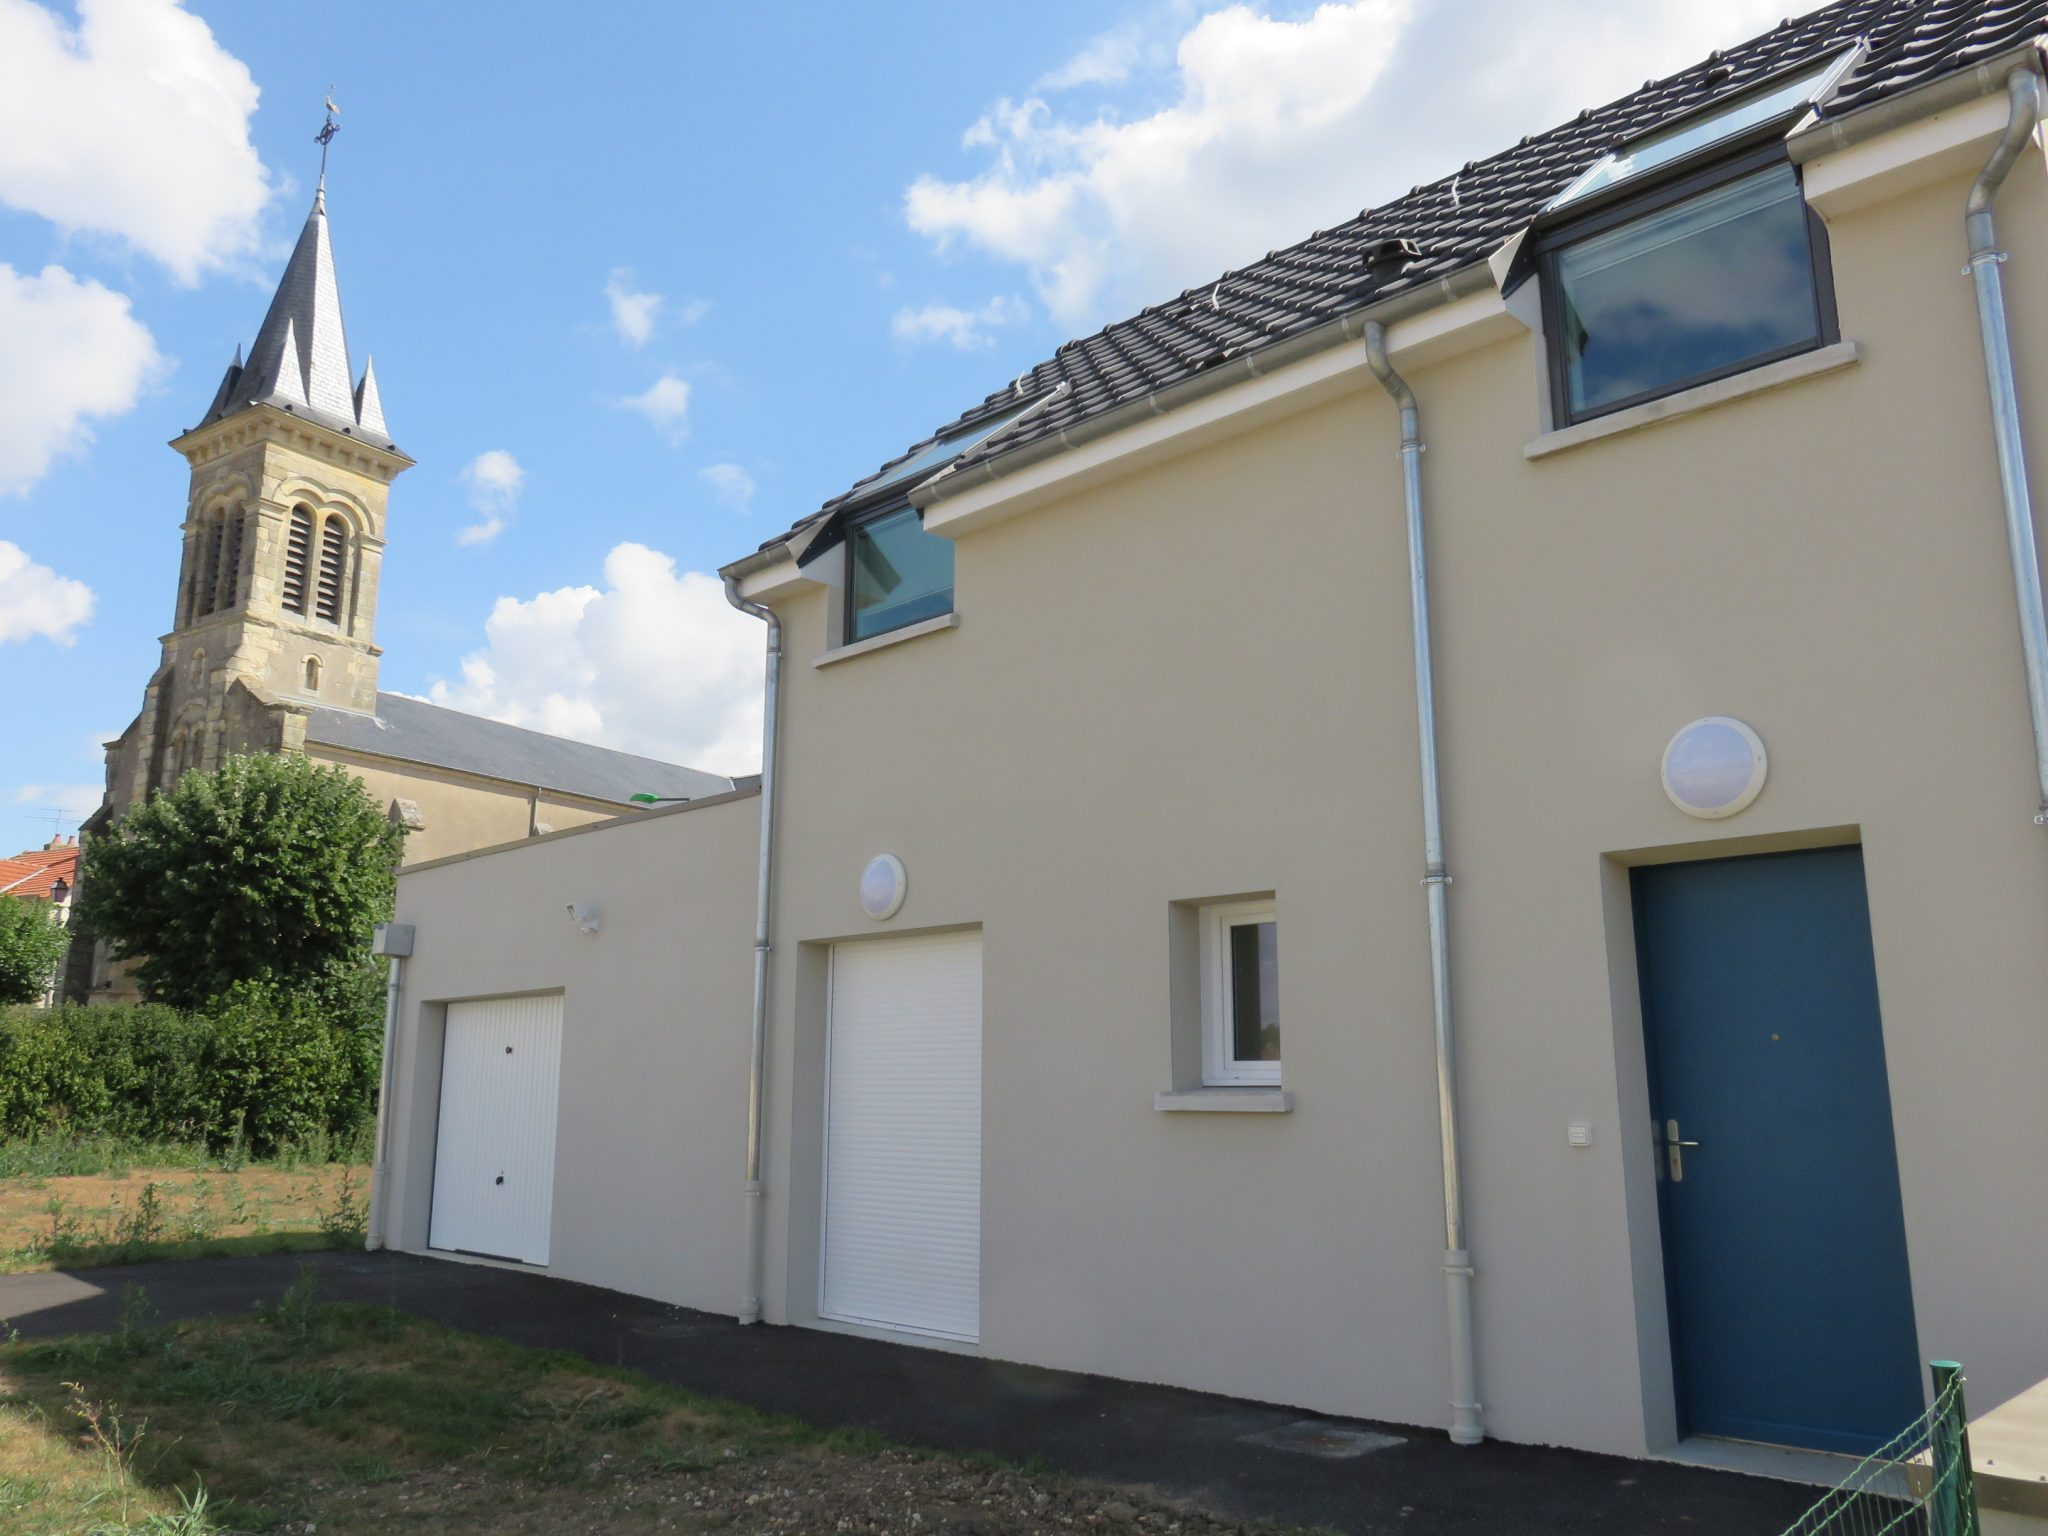 PLACE DES ECOLES, RUE DE L'EGLISE, RUE DU SABOT, Challuy, 58000, Pavillon, Patrimoine 1950